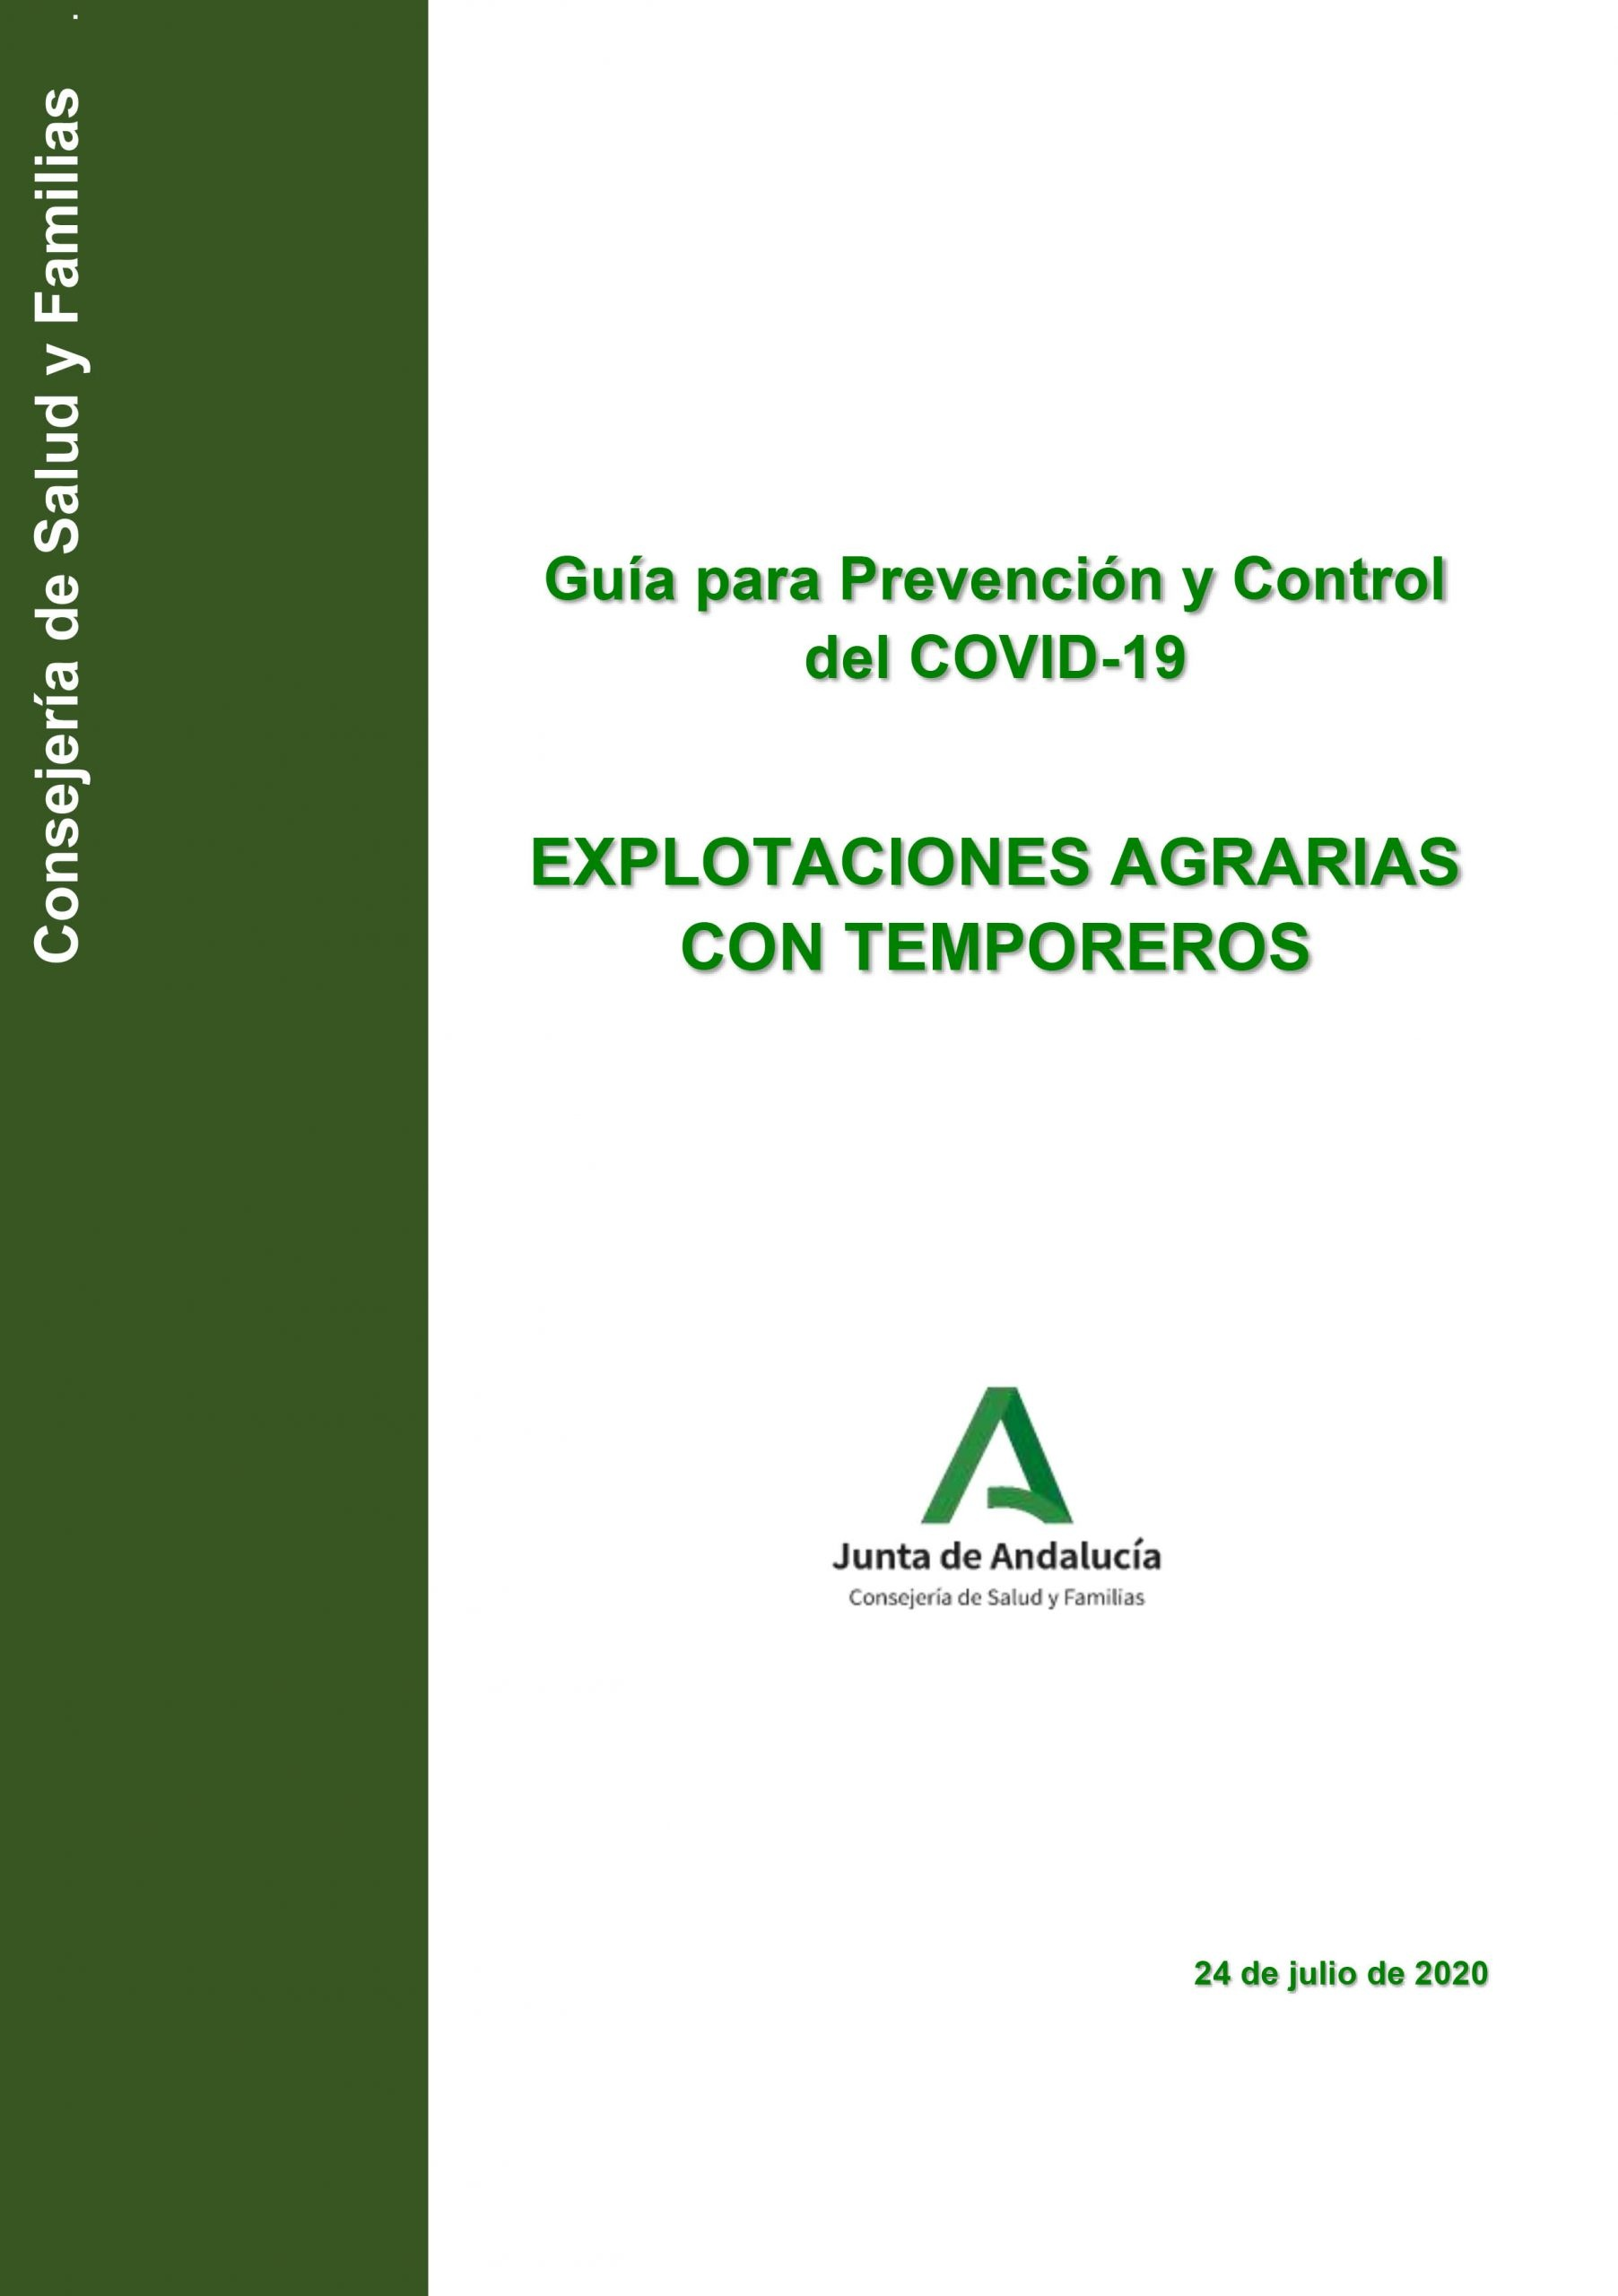 Guía explotaciones agrarias Covid19 1